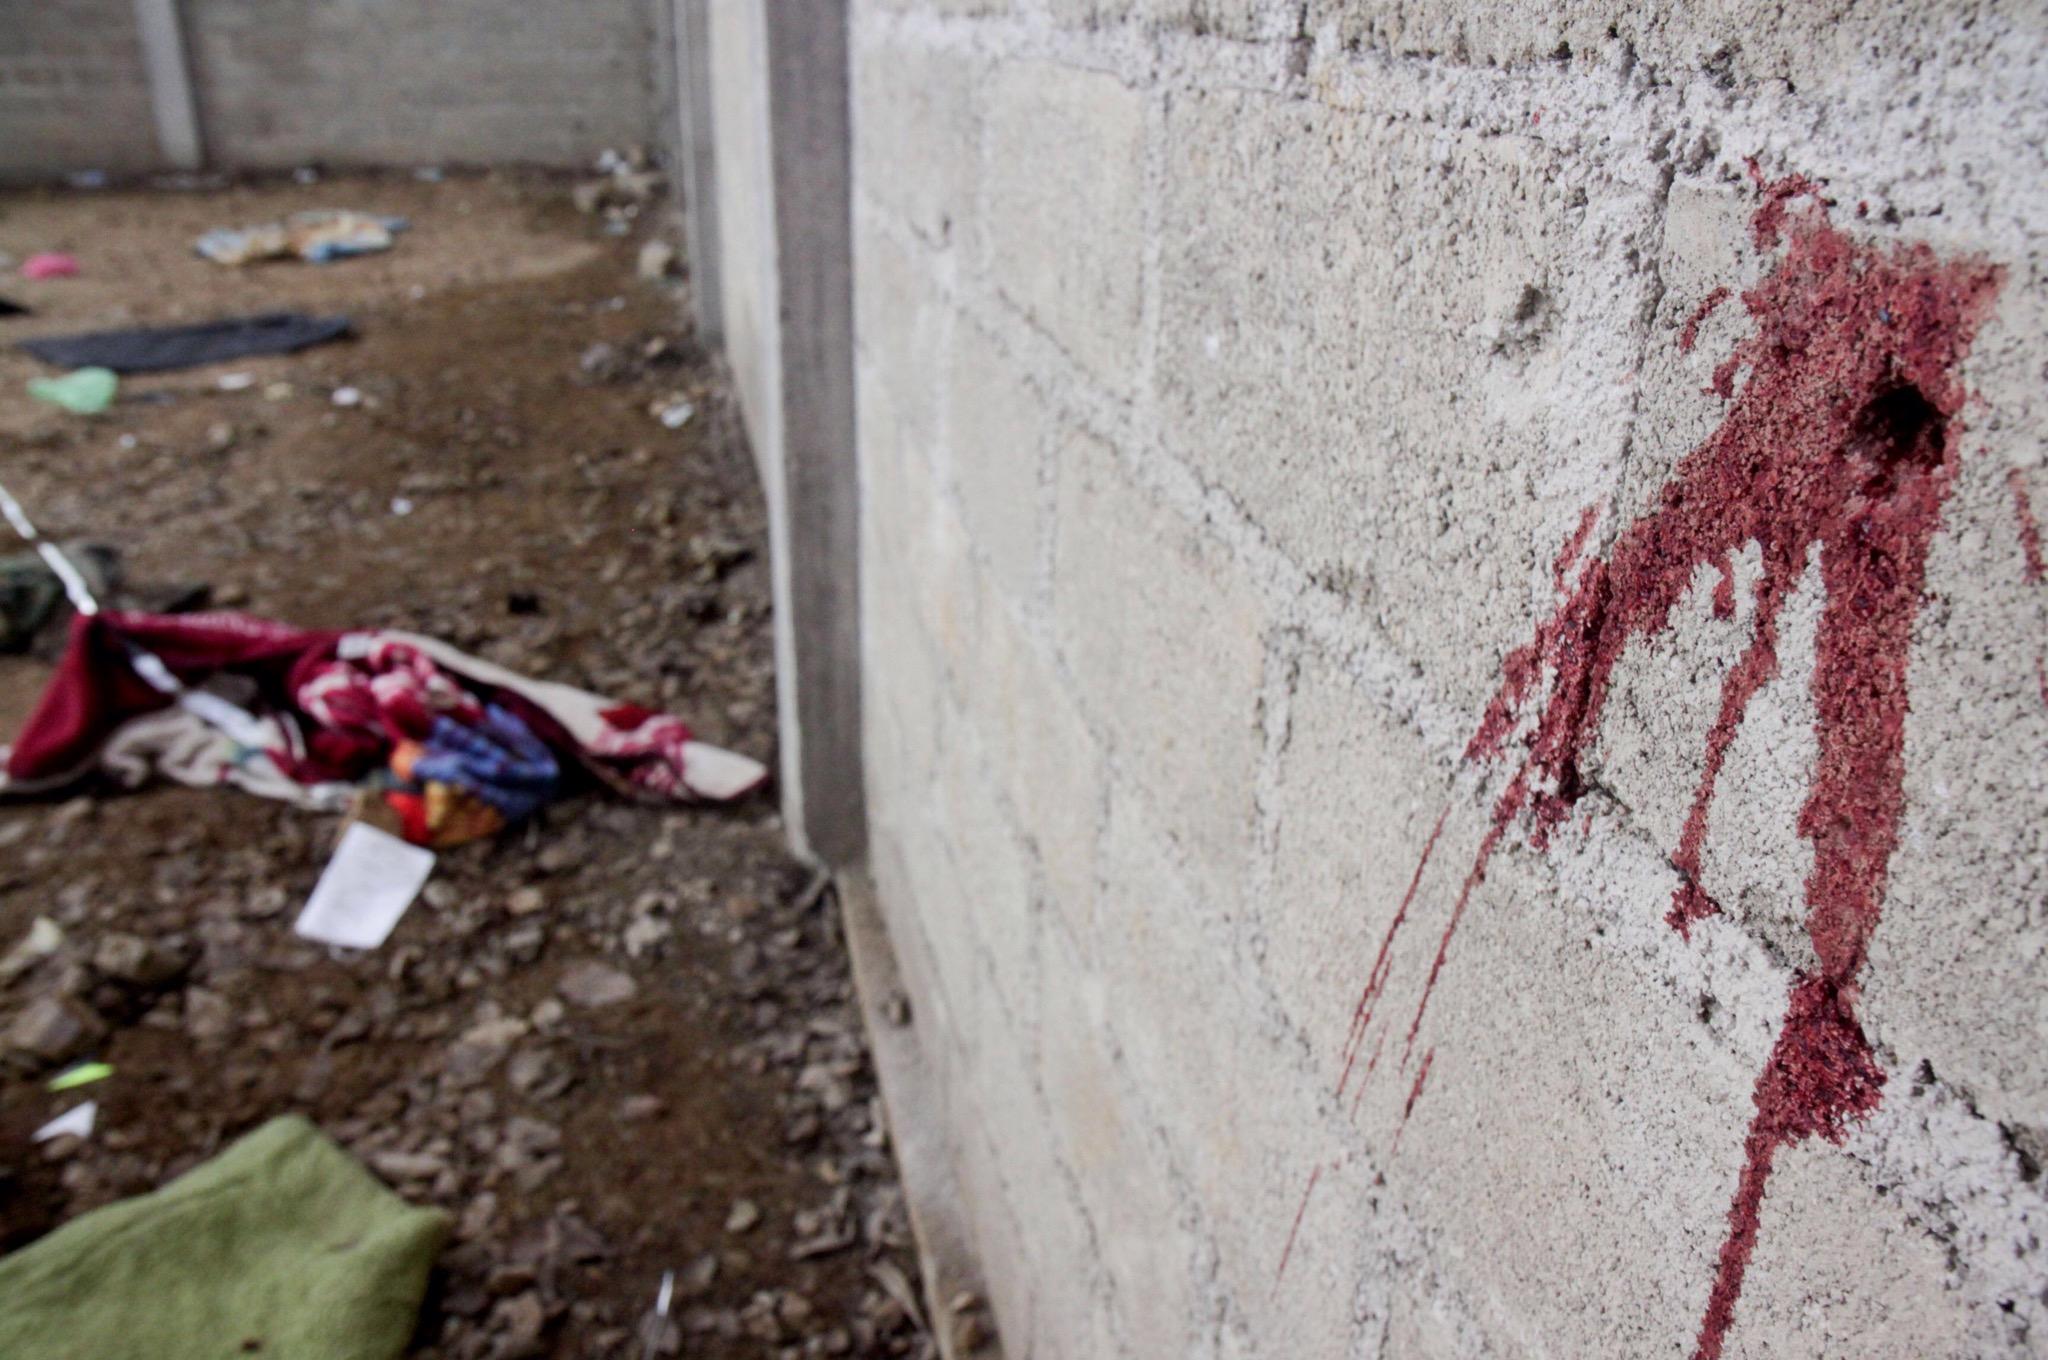 Expertos señalan que México vive una crisis grave en materia de seguridad y justicia